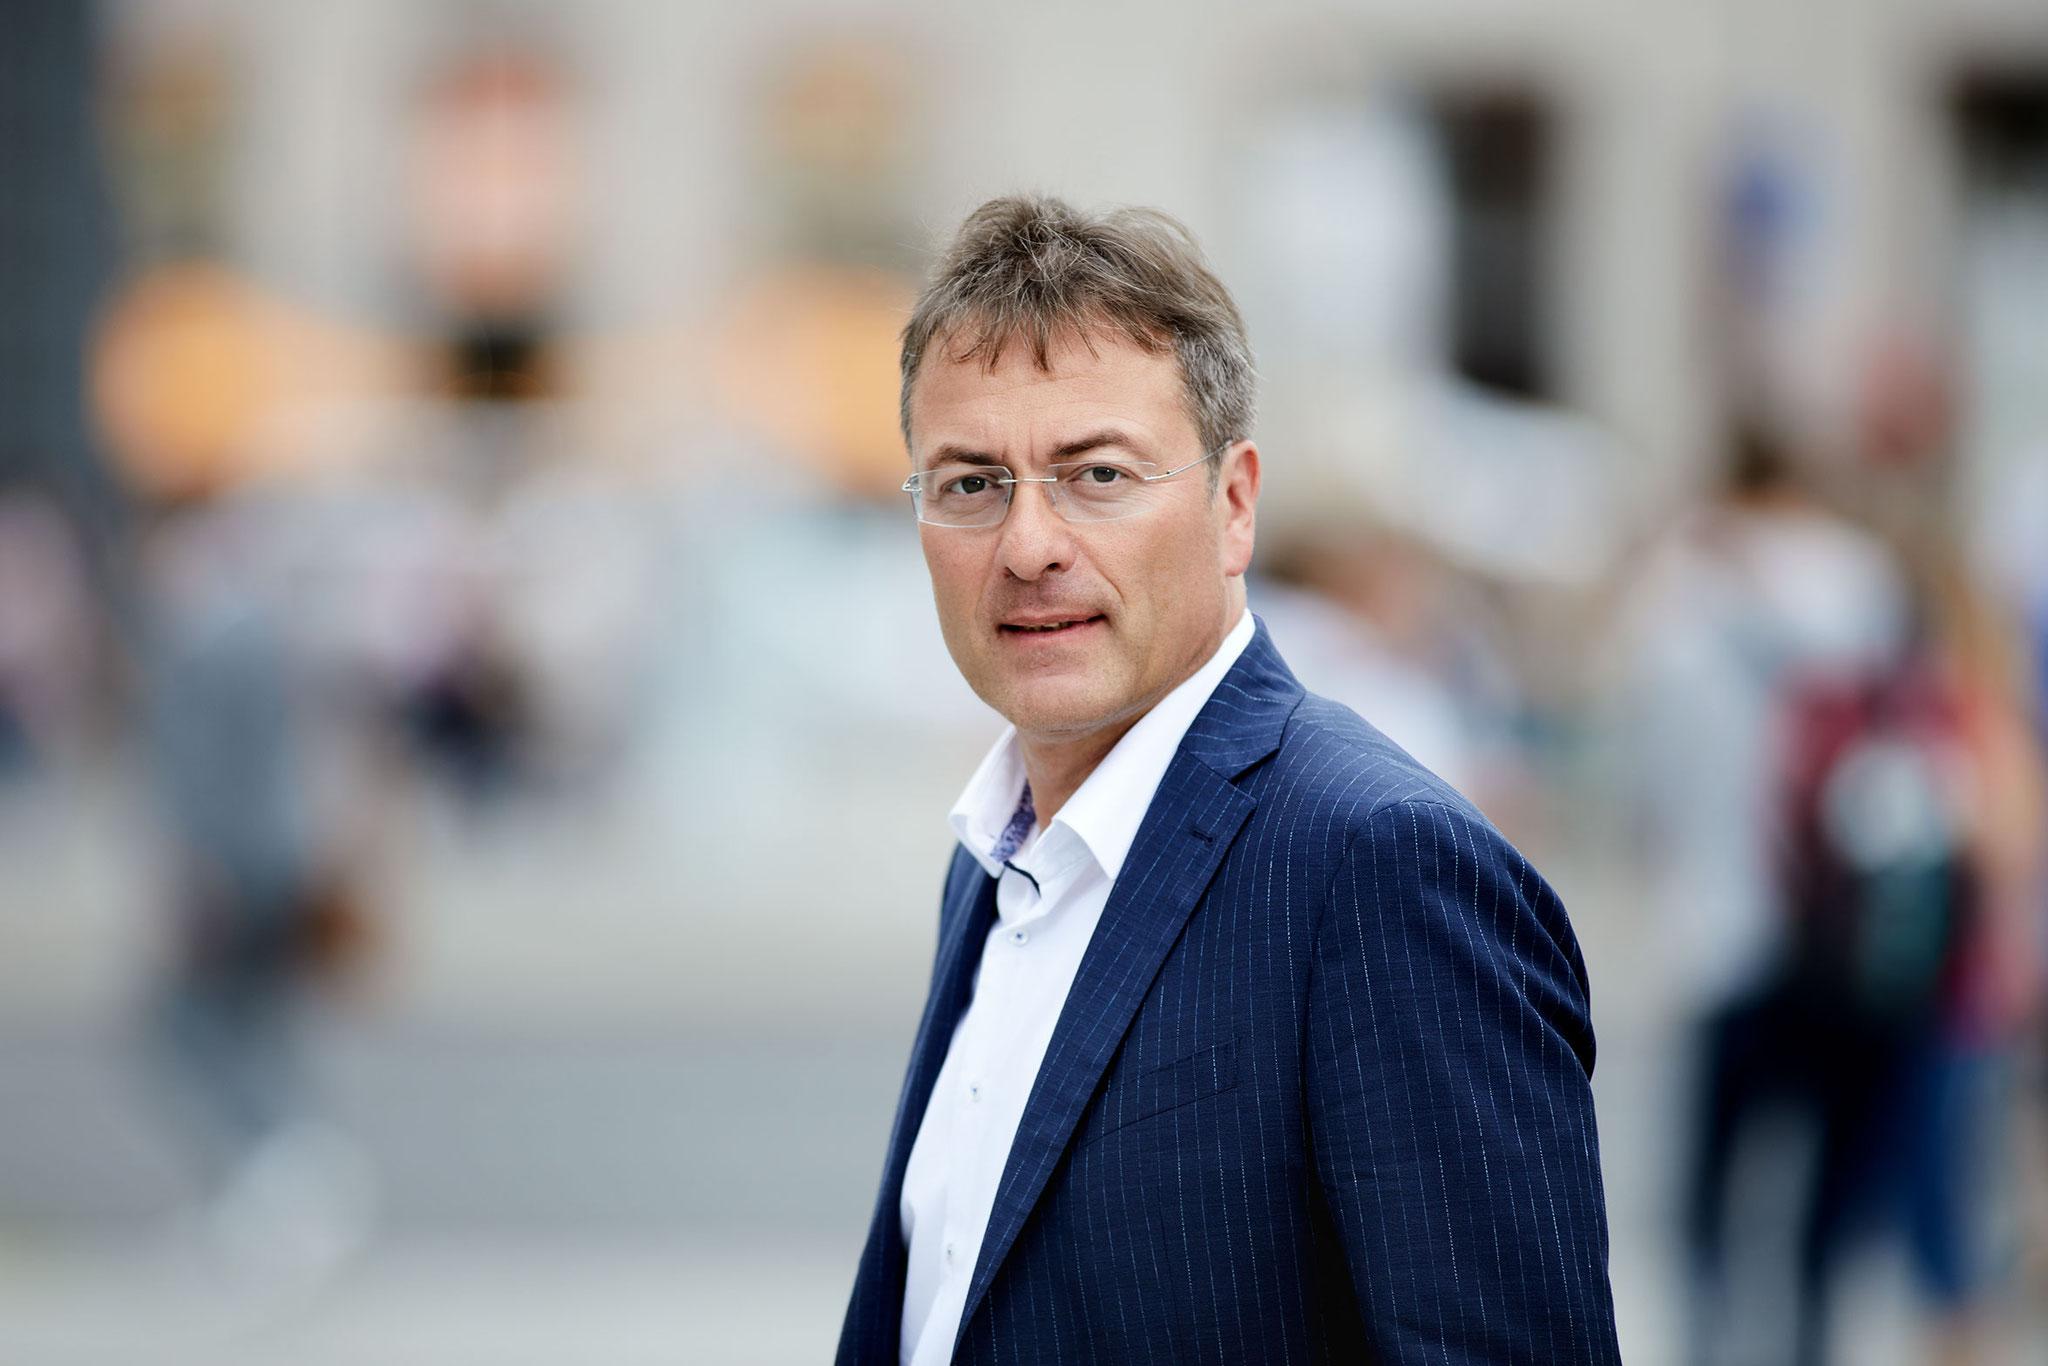 """Peter Heidt (MdB) Kandidat der FDP, zu Gast am 08.09.2021 """"Gesundheitswesen & Pflege"""""""